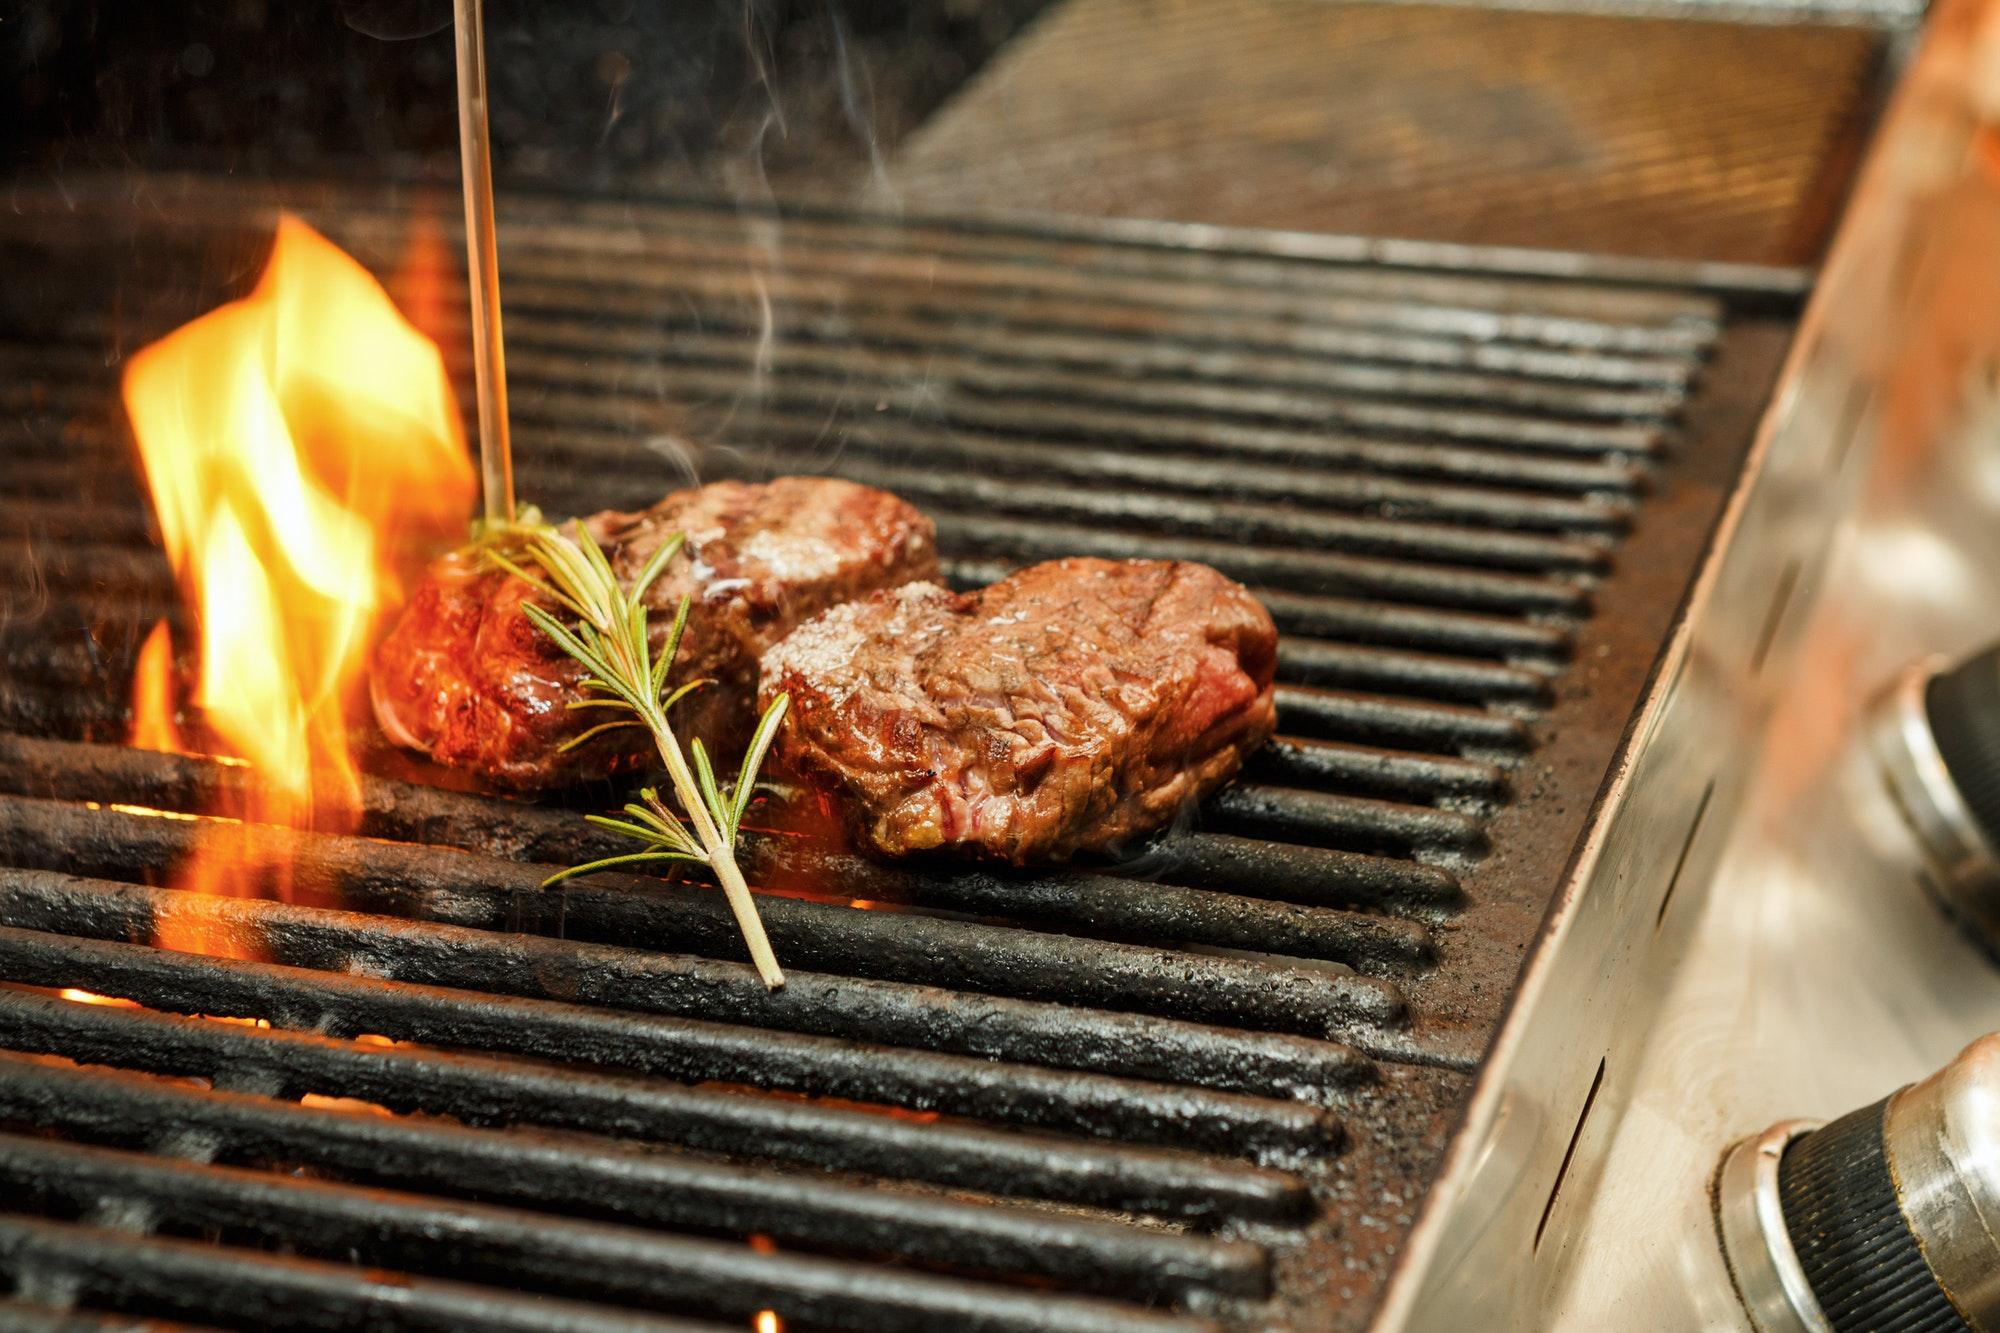 Meat steaks on grill on open fire